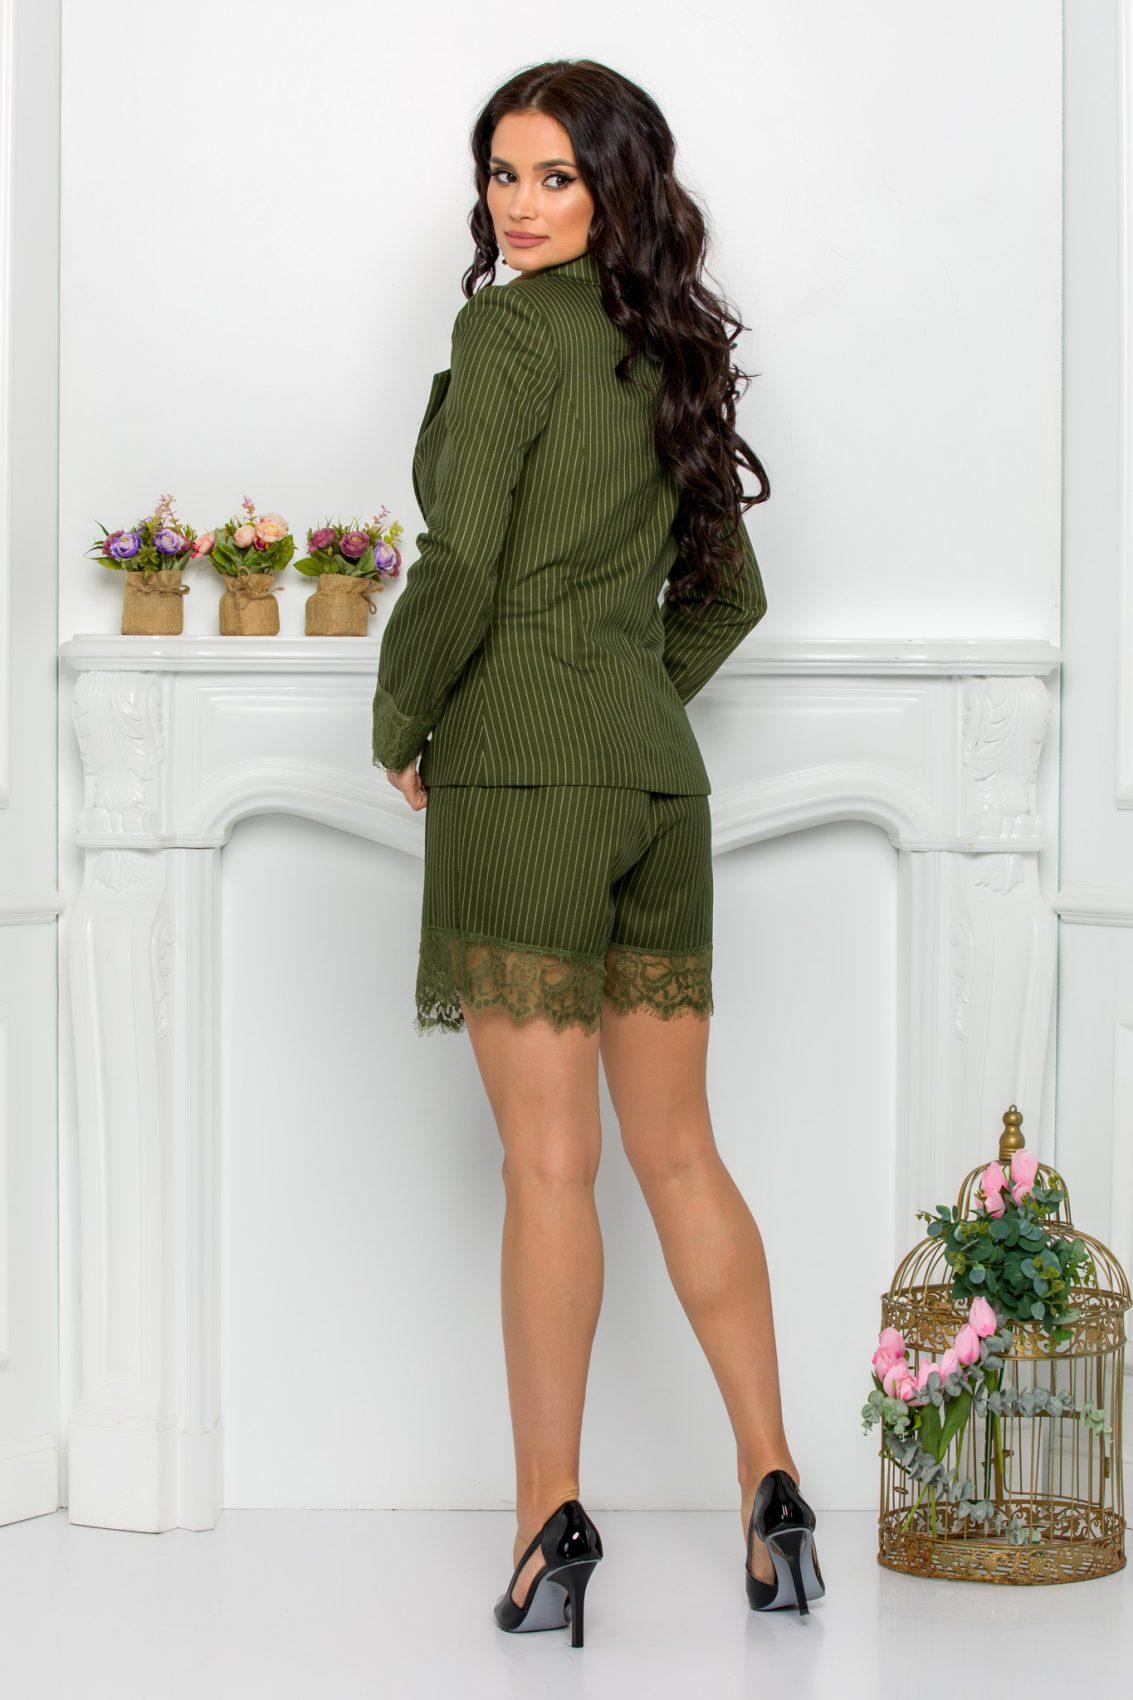 Πράσινο Σετ Σακάκι Με Σορτς Betsy 9552 2